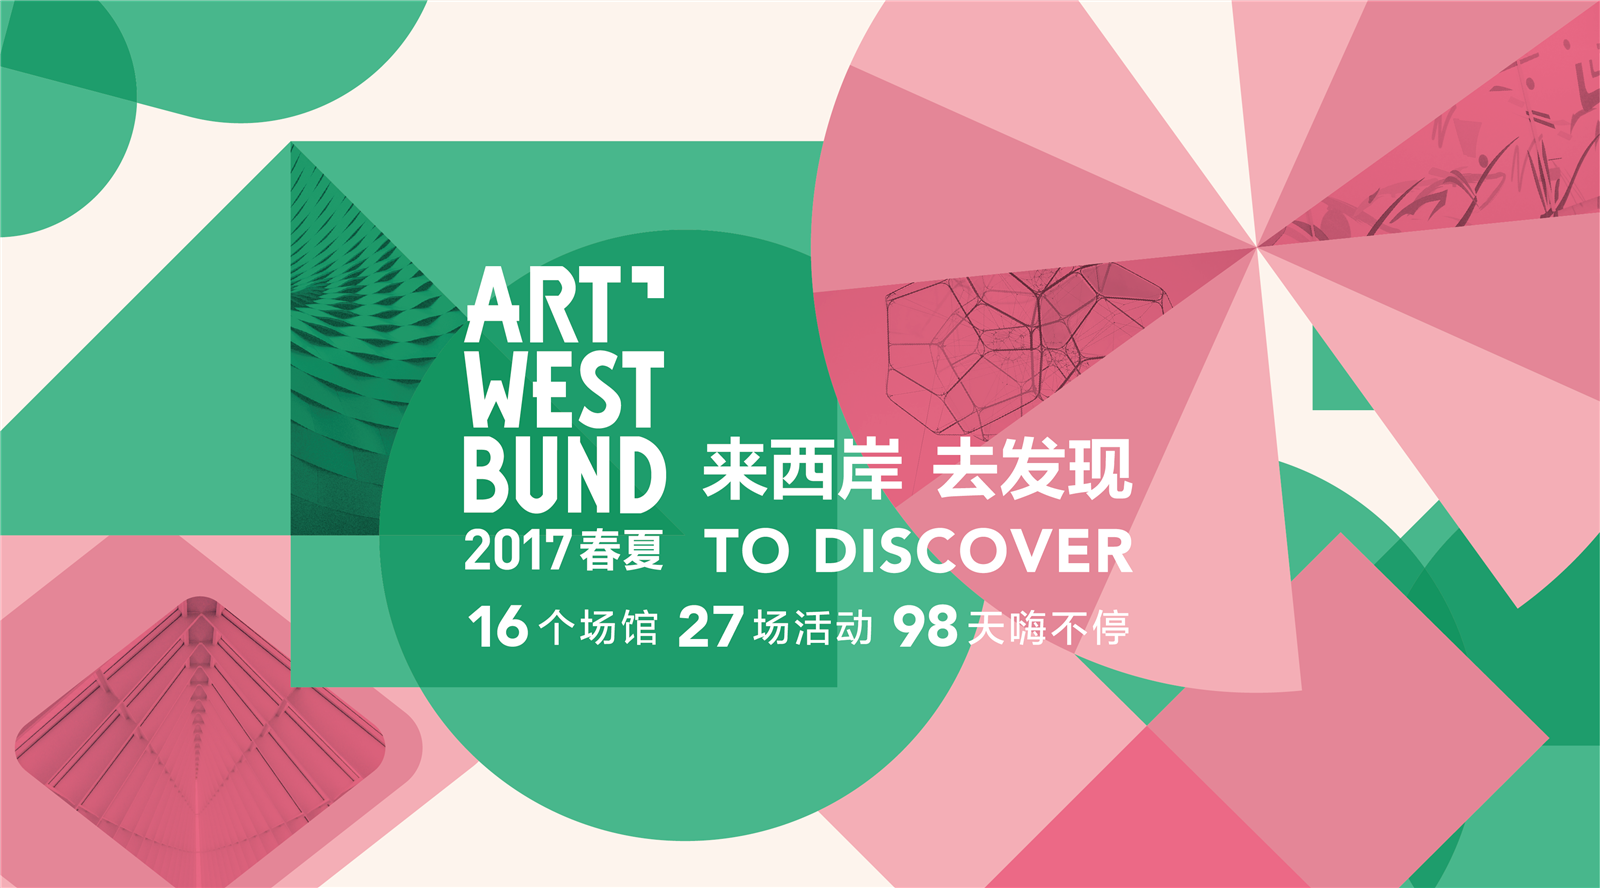 十展连开 ART WEST BUND 2017 西岸春夏文化艺术季正式启幕